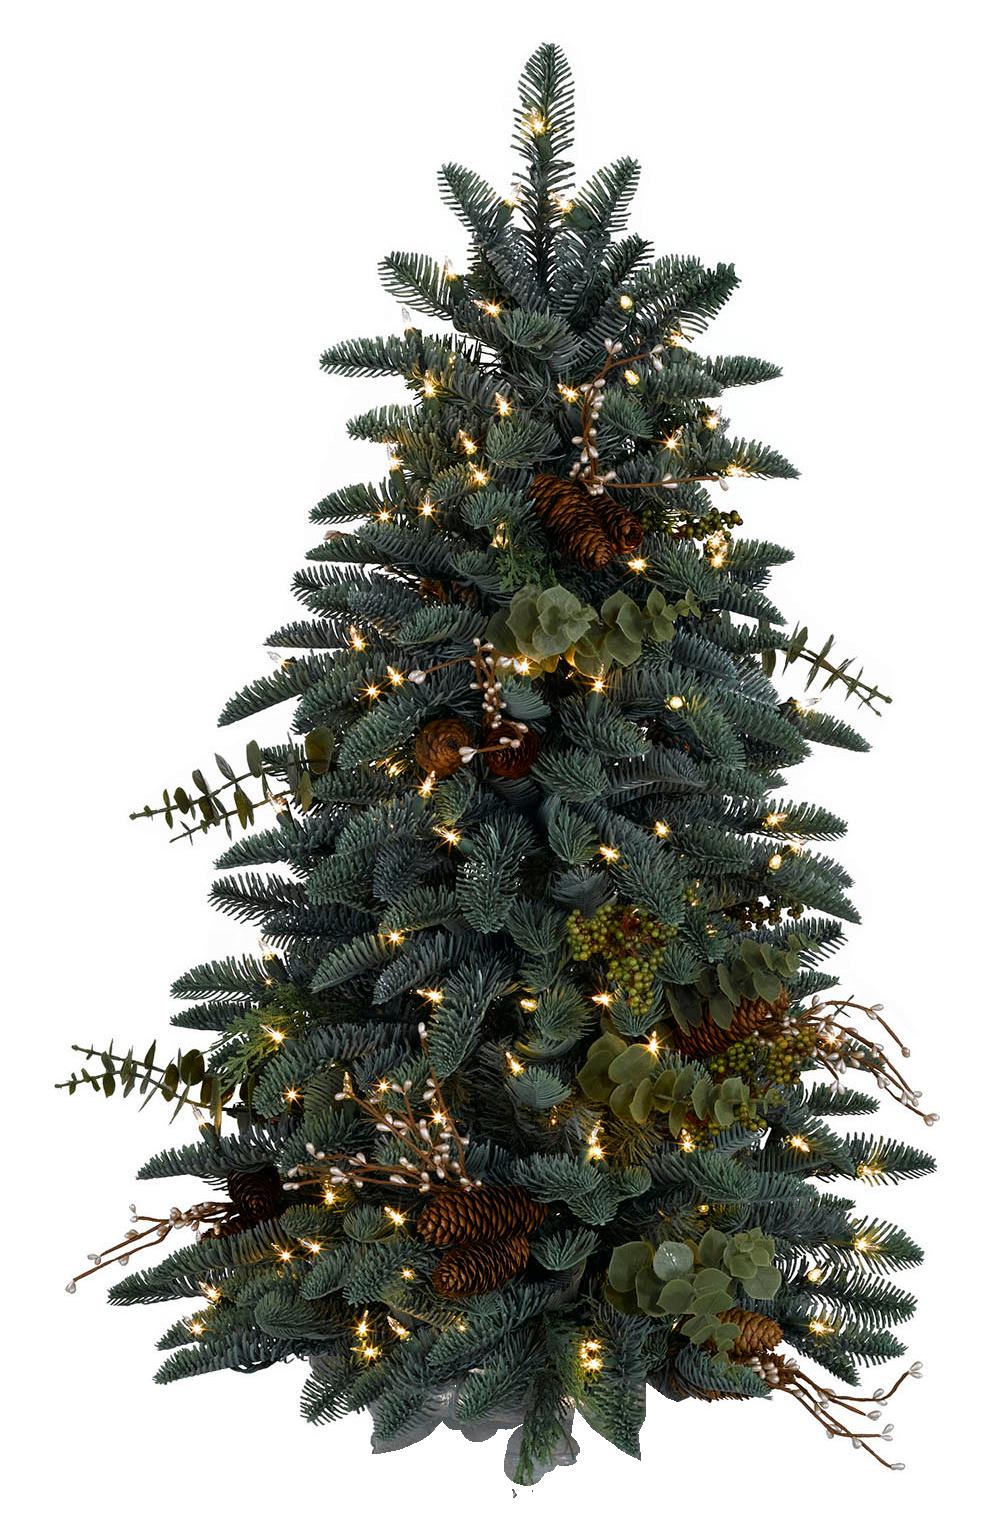 png file name christmas tree pluspngcom christmas tree png